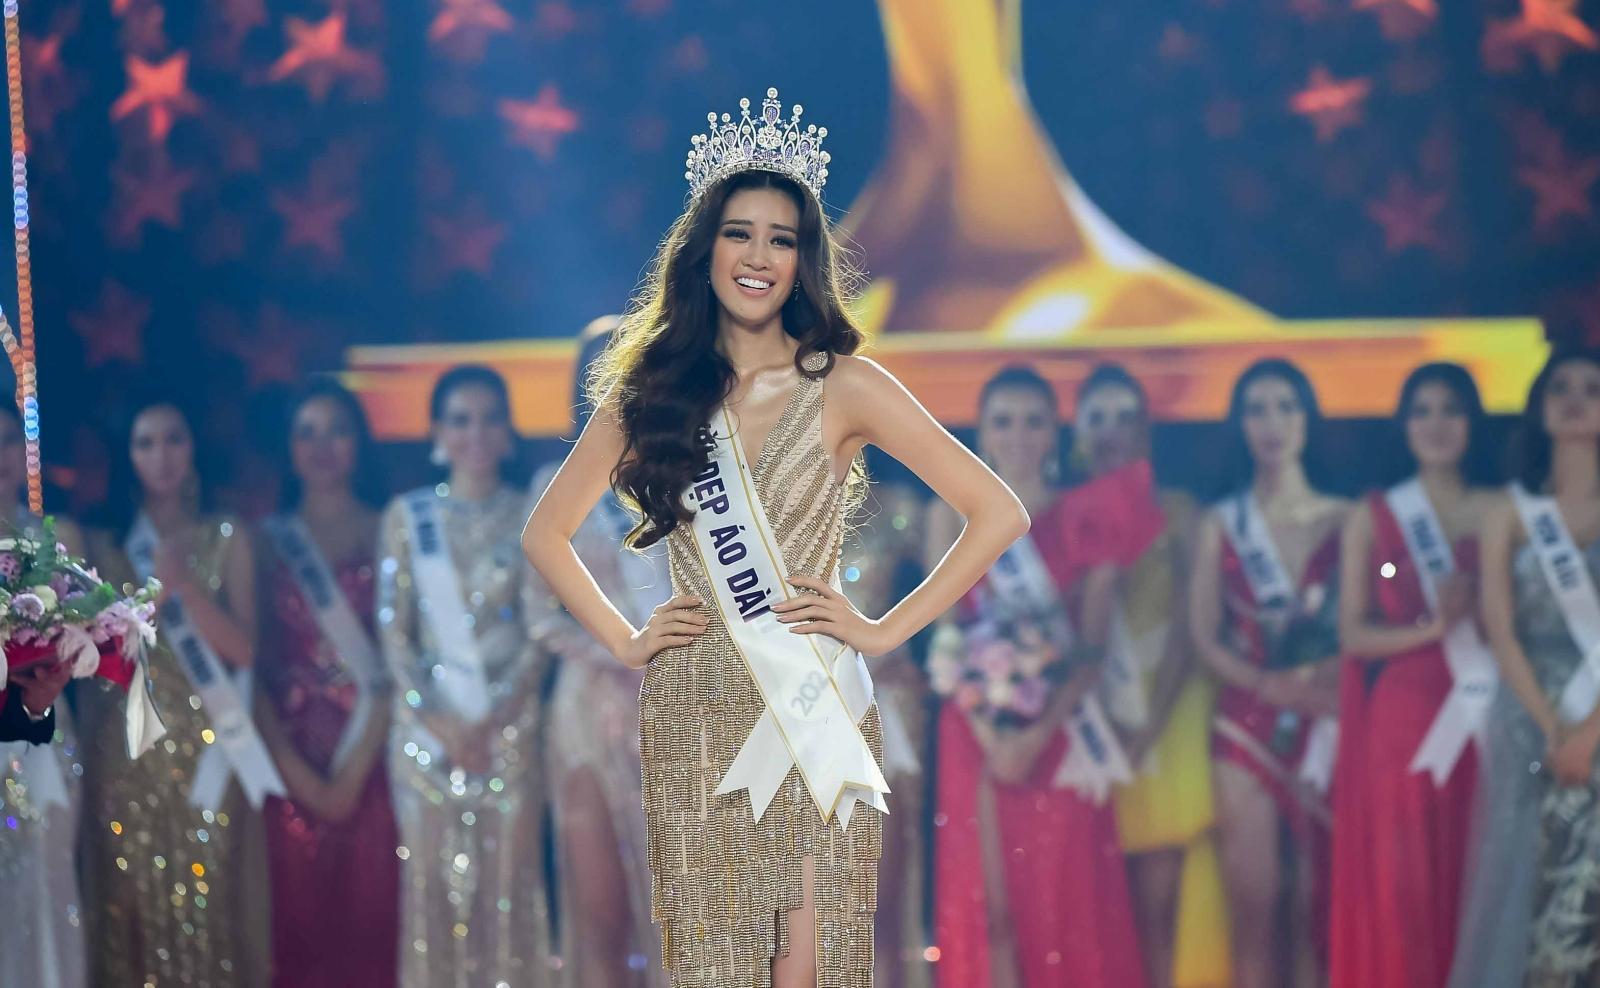 Bị chê ứng xử nhạt, tân Hoa hậu Hoàn vũ 2019 Khánh Vân nói điều bất ngờ - Ảnh 1